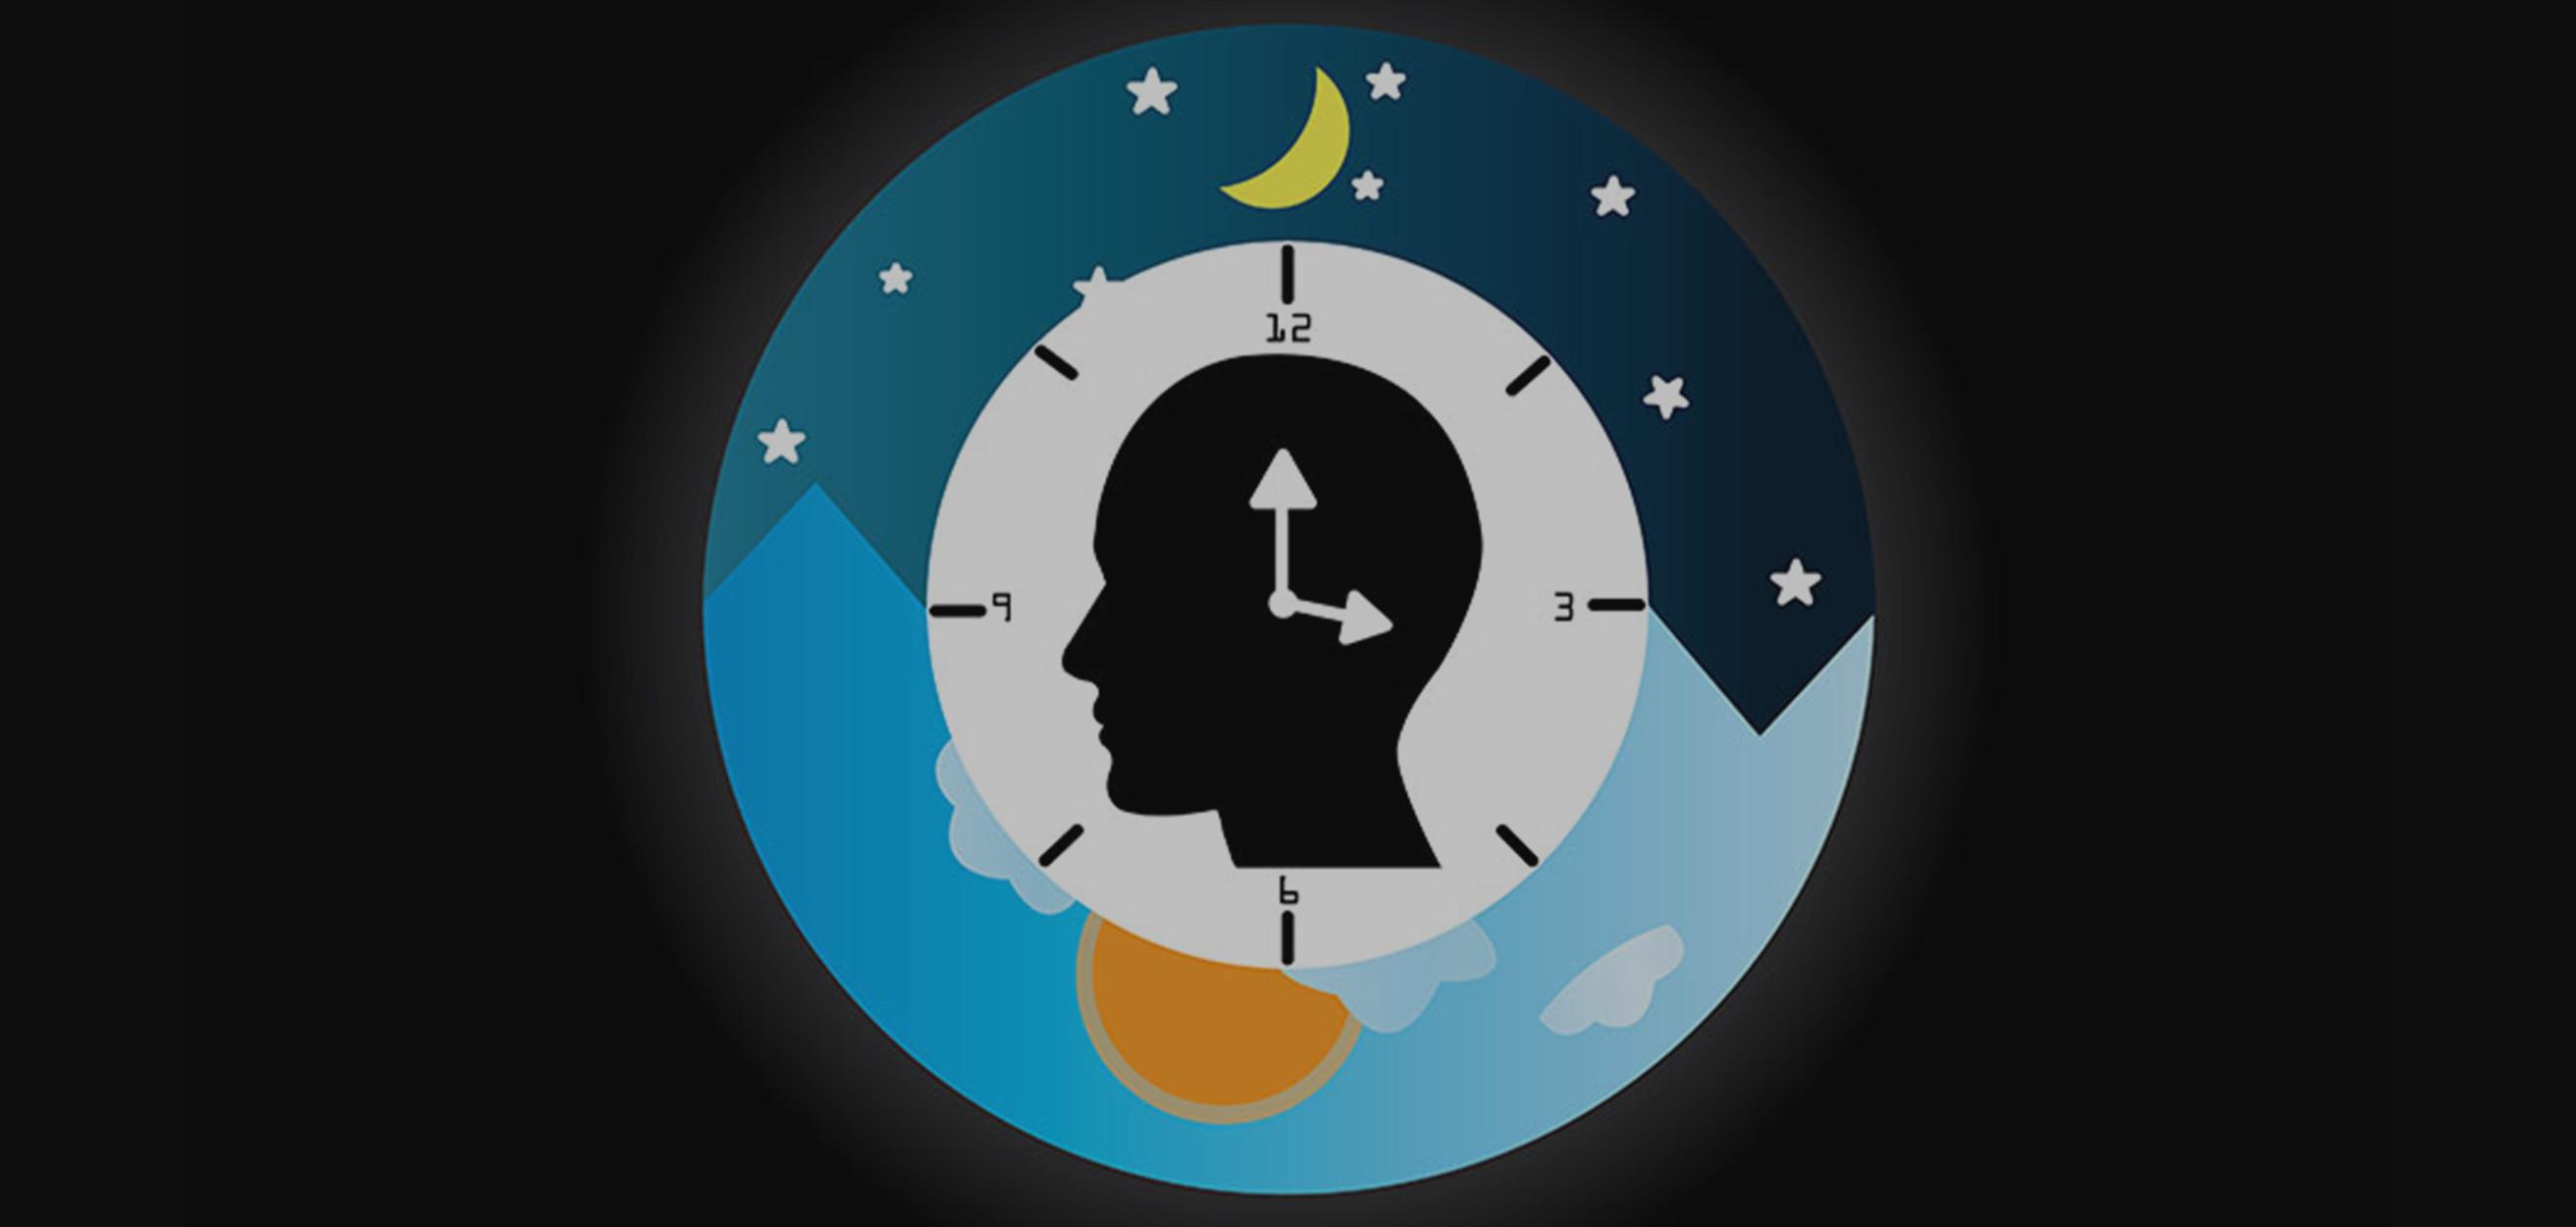 ¿Puede la alimentación ayudarme a sincronizar mi reloj biológico?